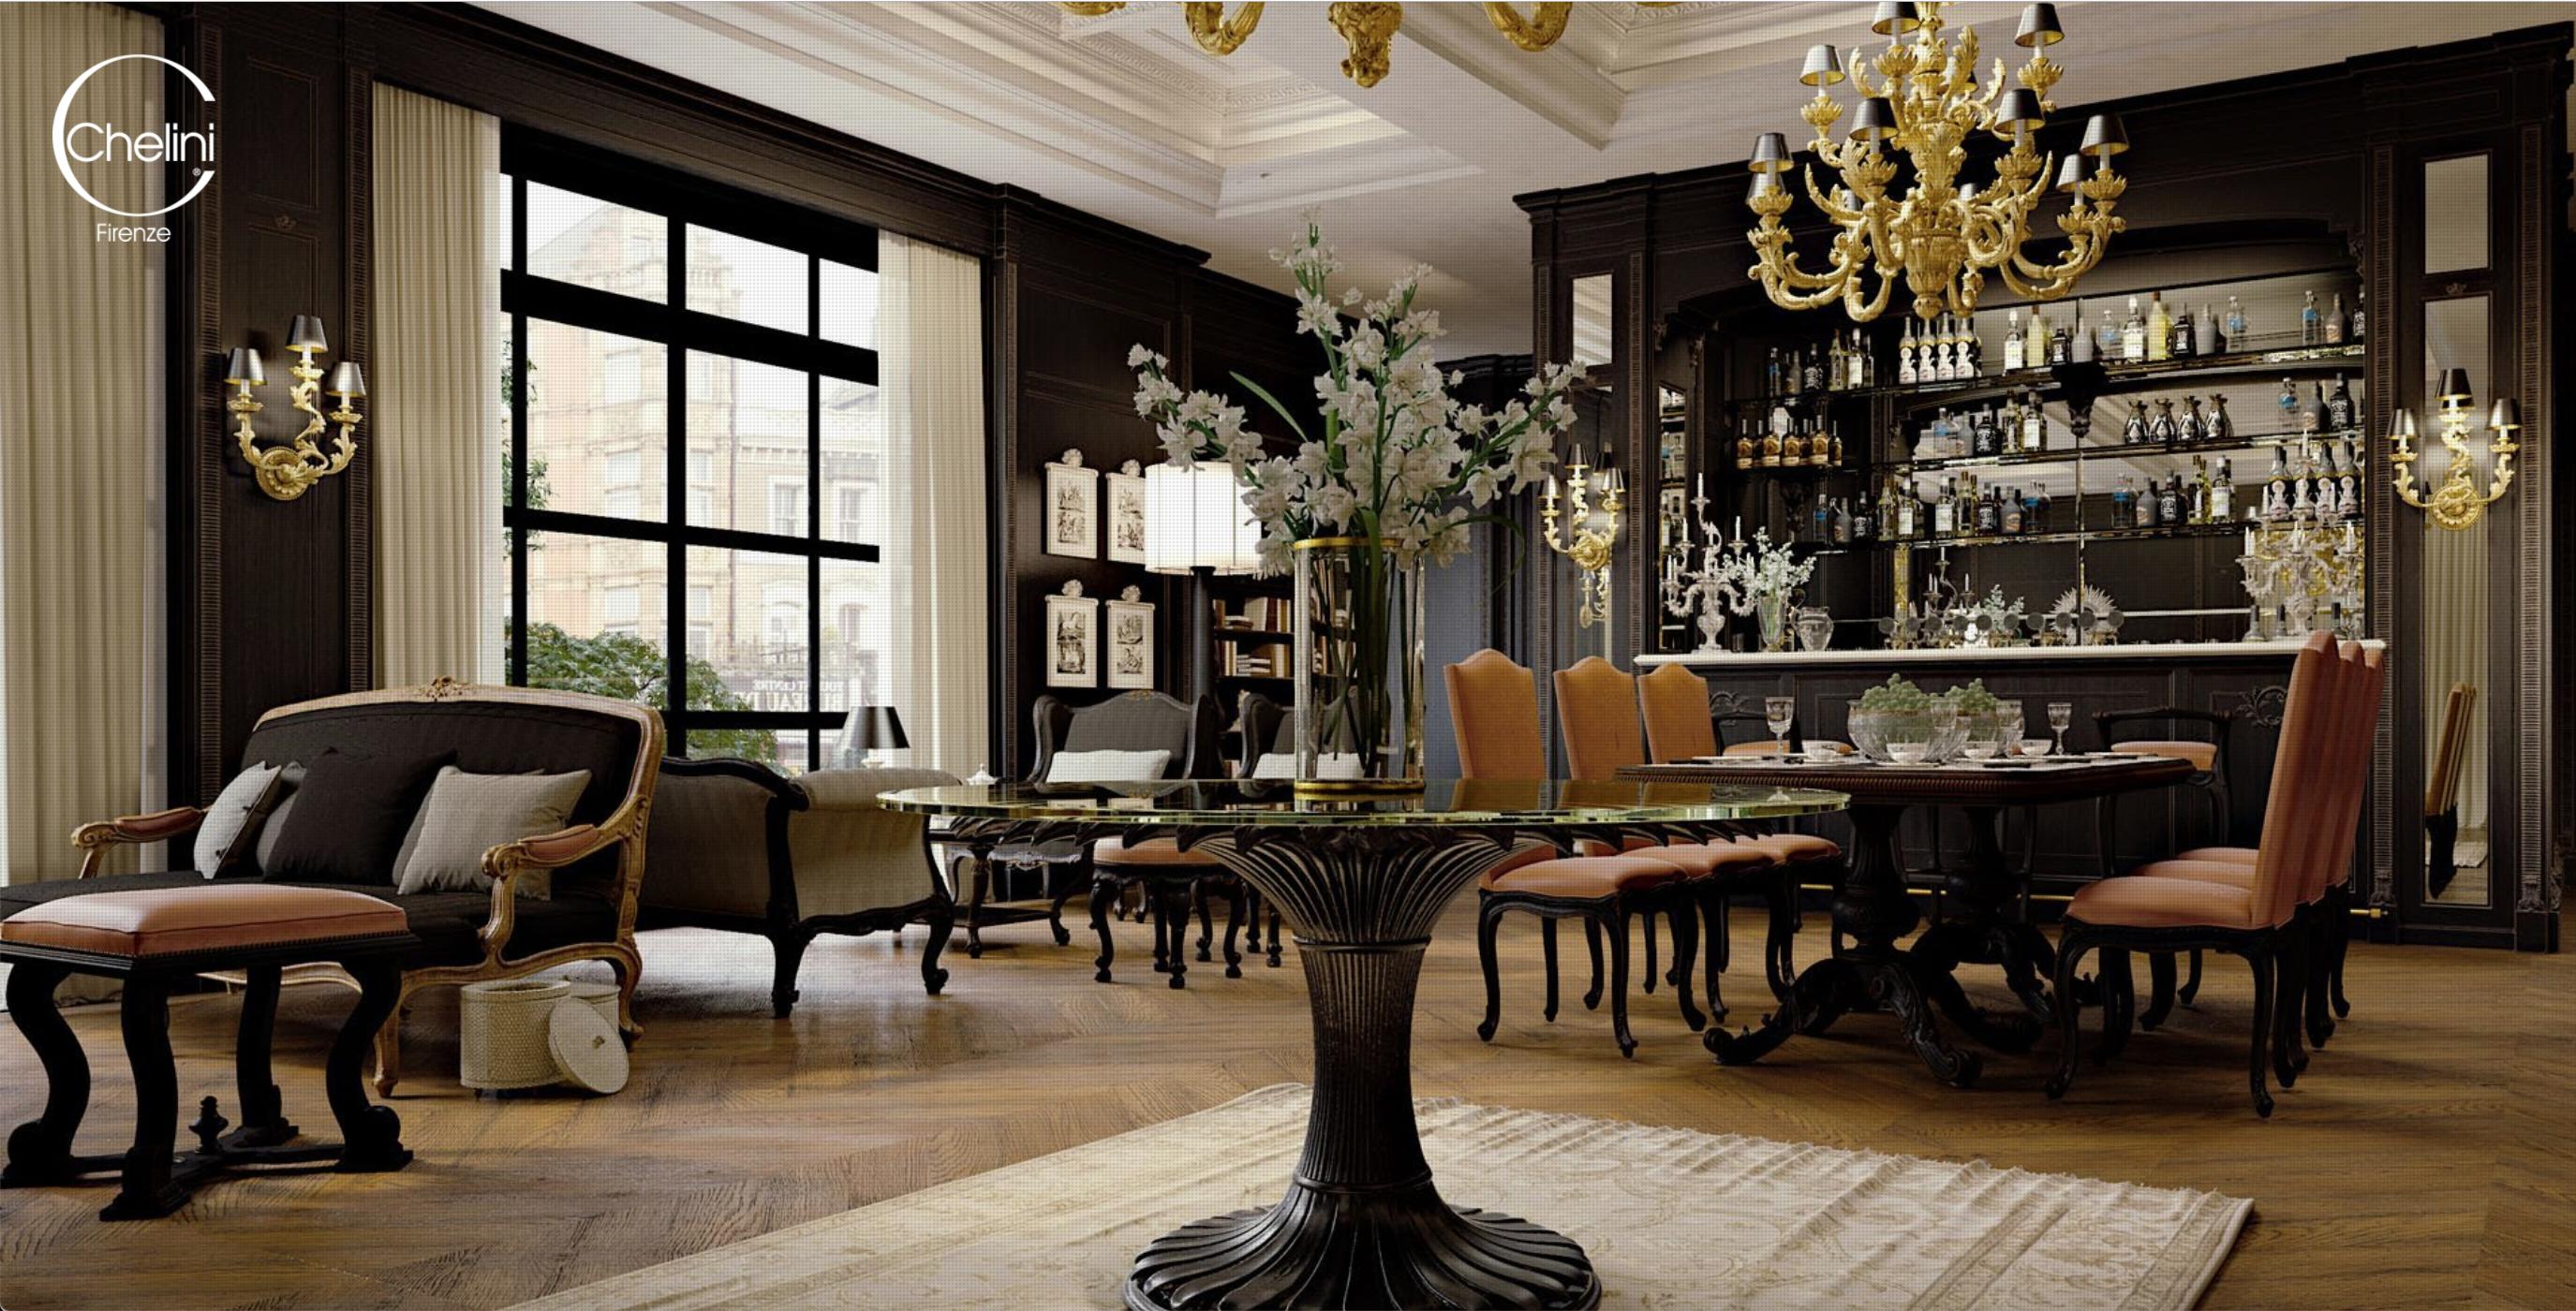 Итальянская Мебель Chelini в Berkley Home